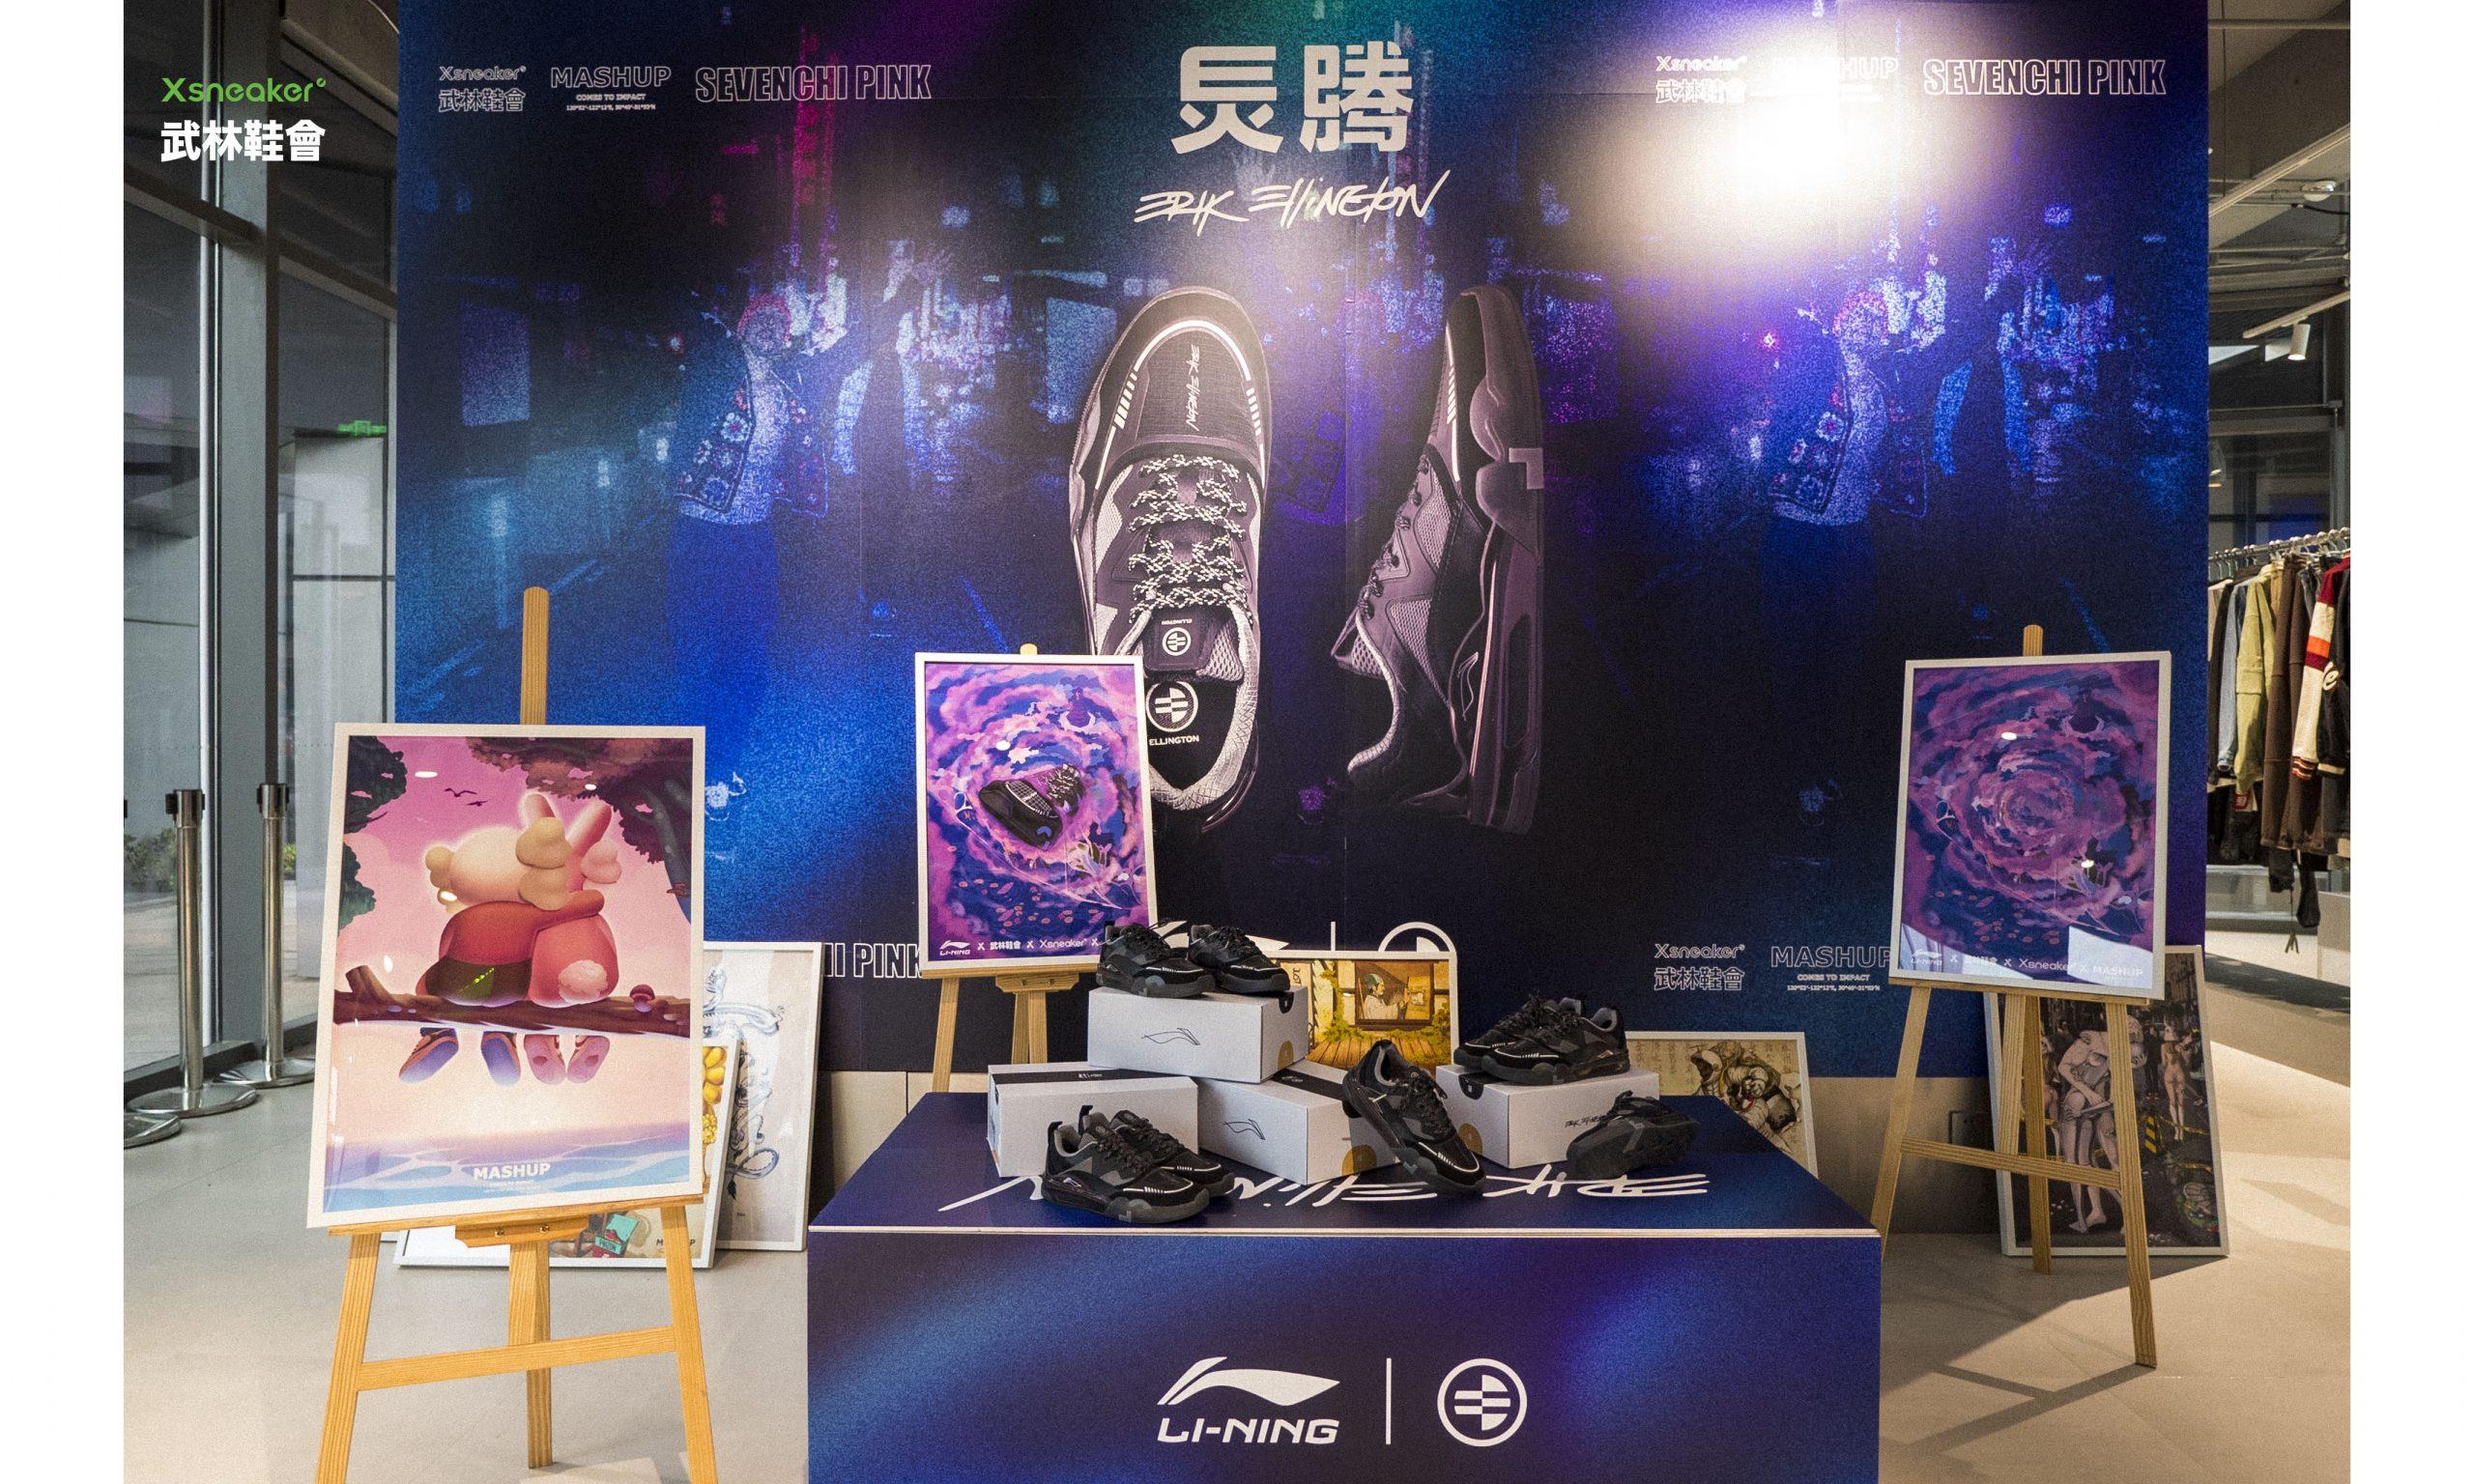 潮流艺术与球鞋的跨界互动 —— 李宁灵腾「极夜」